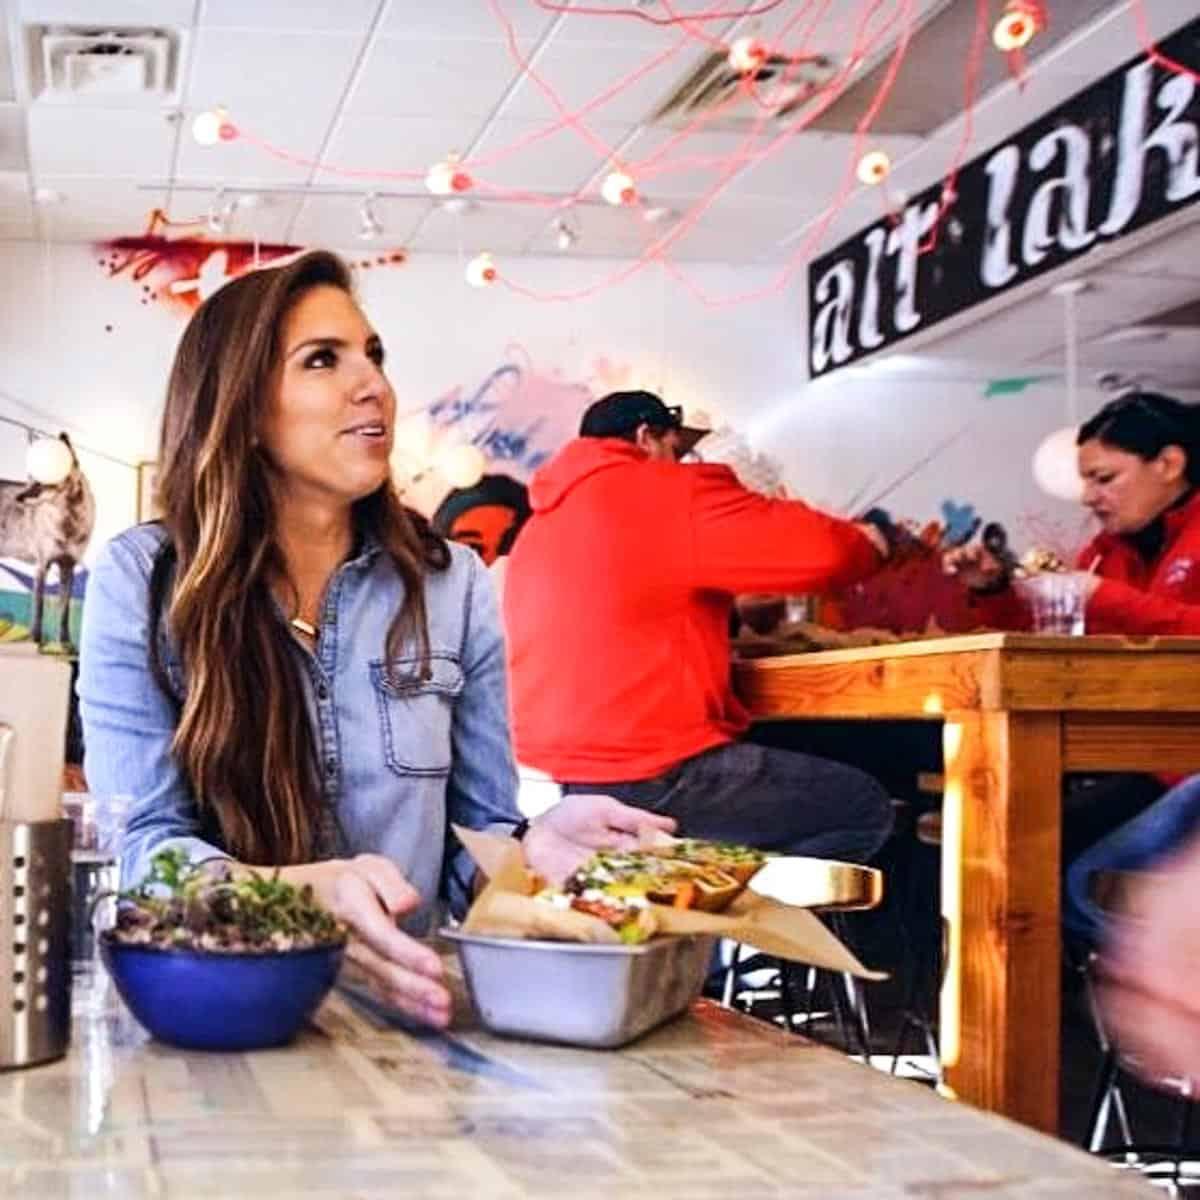 15 Best Restaurants In Salt Lake City 2019 Female Foodie